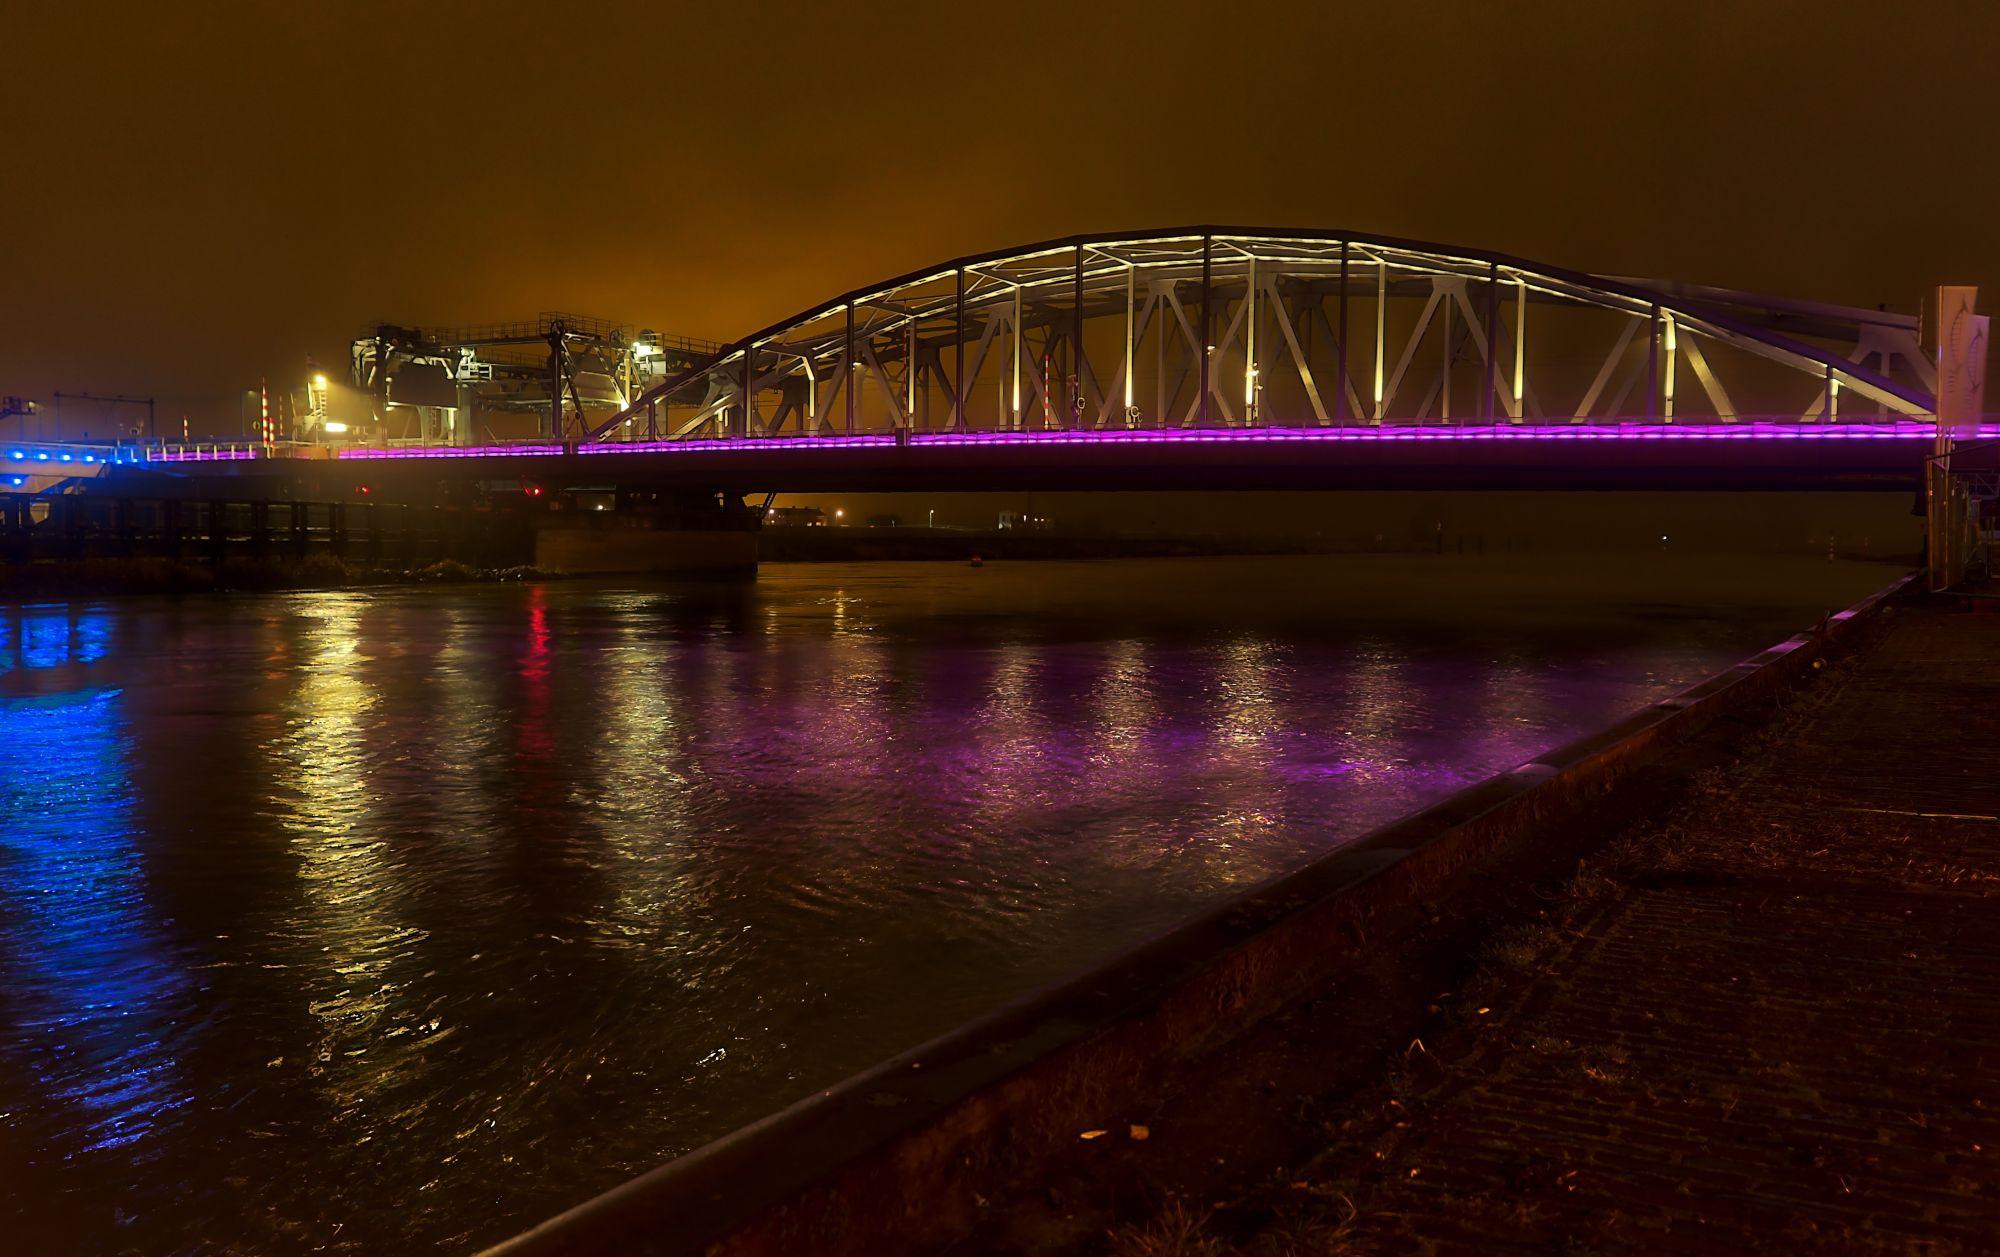 Verlichting Oude IJsselbrug geeft onveilig gevoel\' | Zutphen24